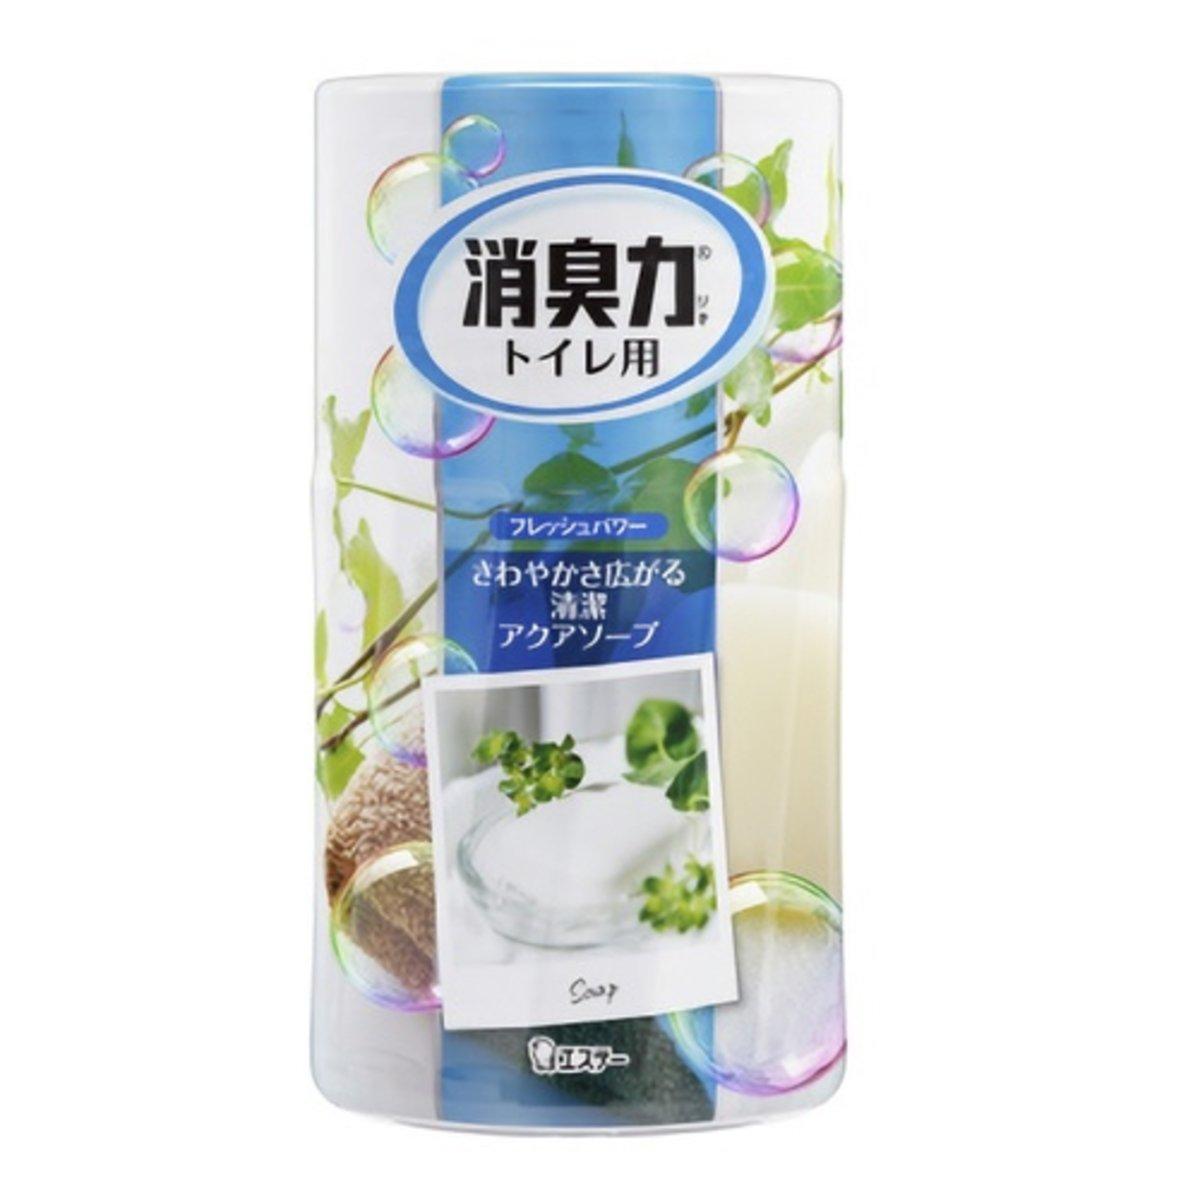 S.T. Corporation Toilet Deodorizer(Blue)  #Soap 400ml